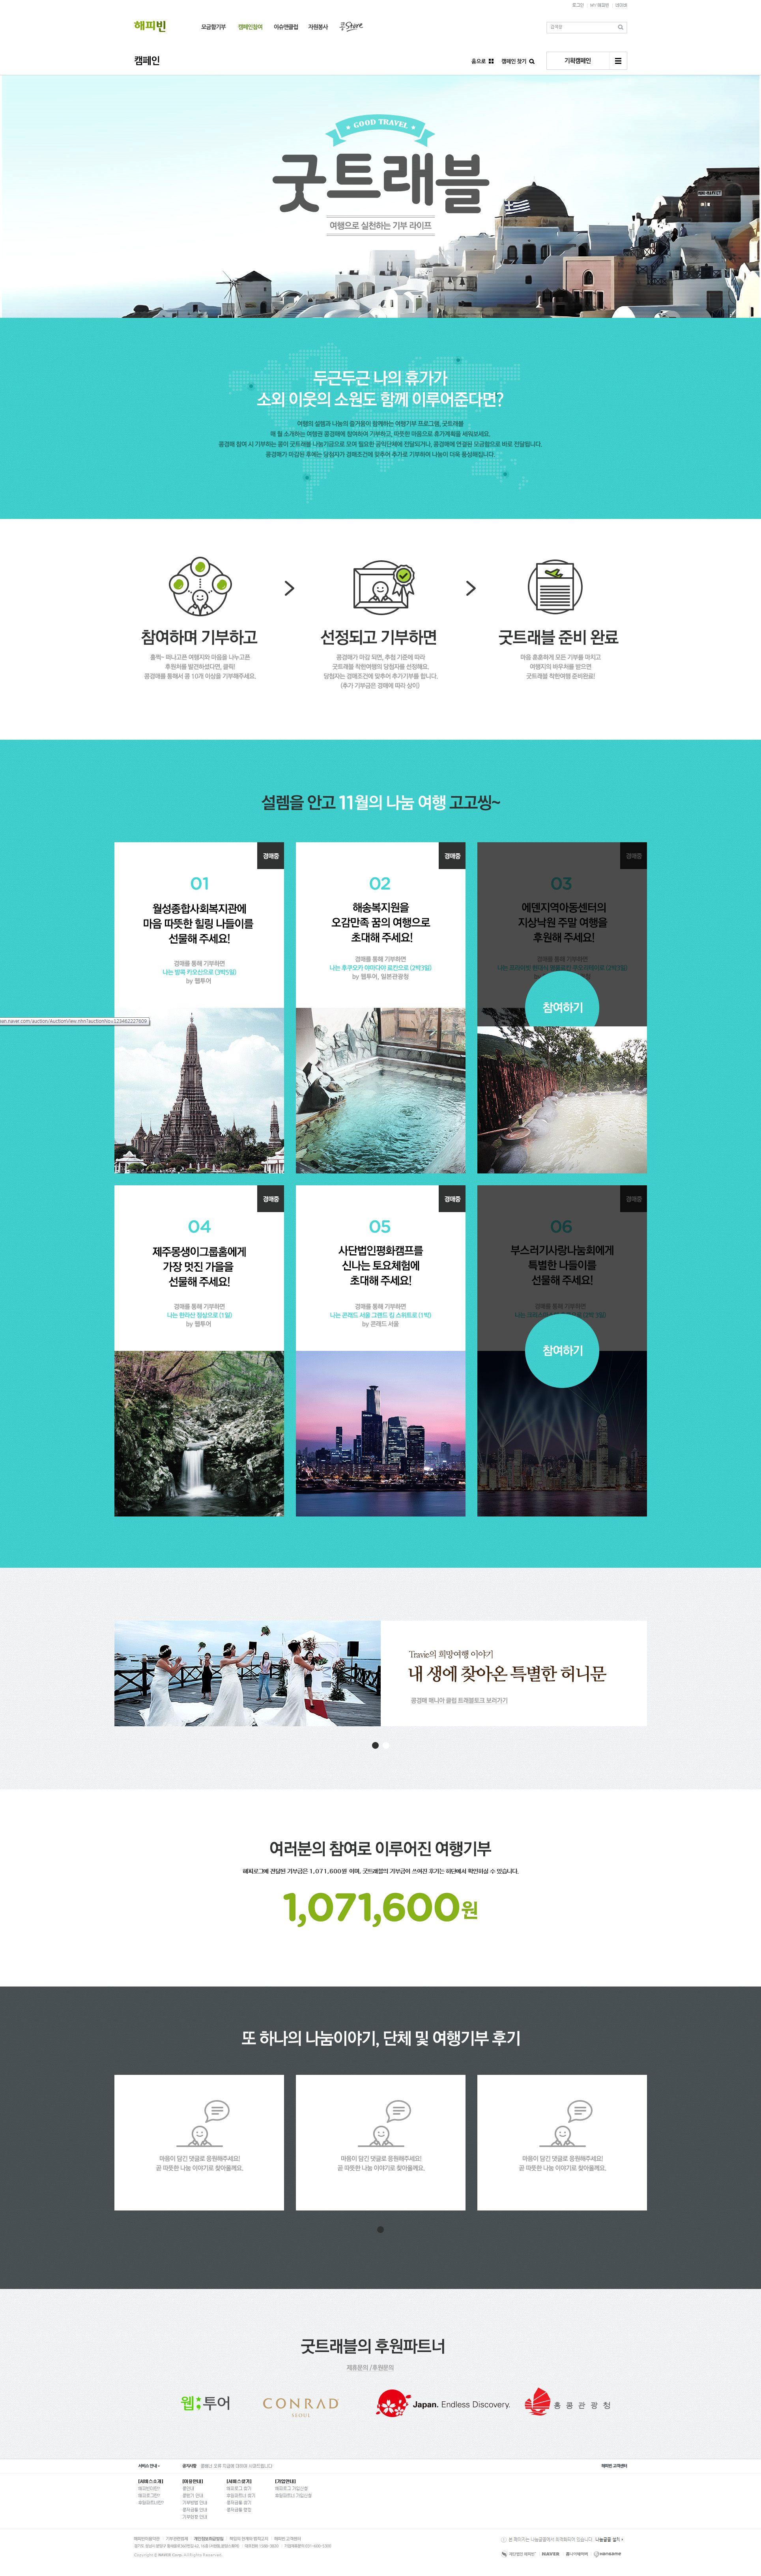 네이버 굿트레블 캠페인 // Hi Friends, look what I just found on #web #design! Make sure to follow us @moirestudiosjkt to see more pins like this | Moire Studios is a thriving website and graphic design studio based in Jakarta, Indonesia.